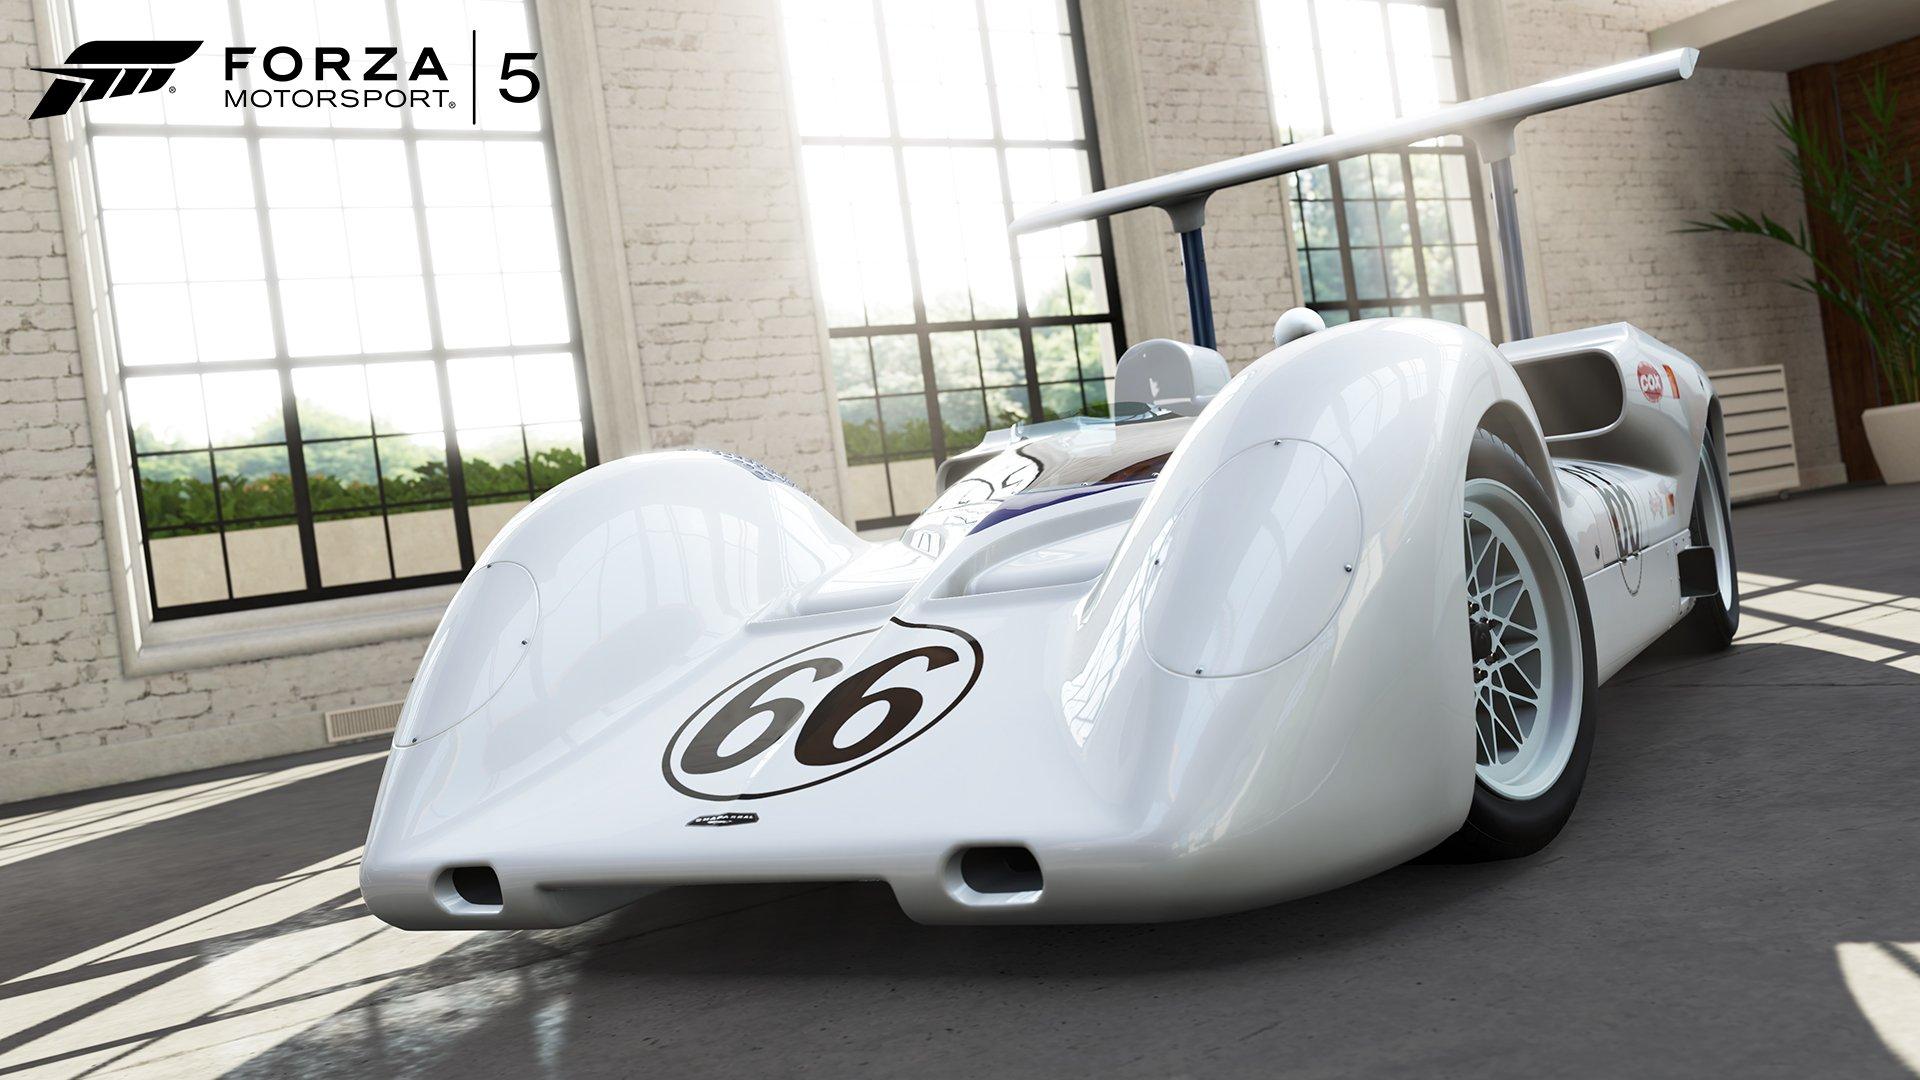 Forza Motorsport 5 Top Gear Car Pack Released Inside